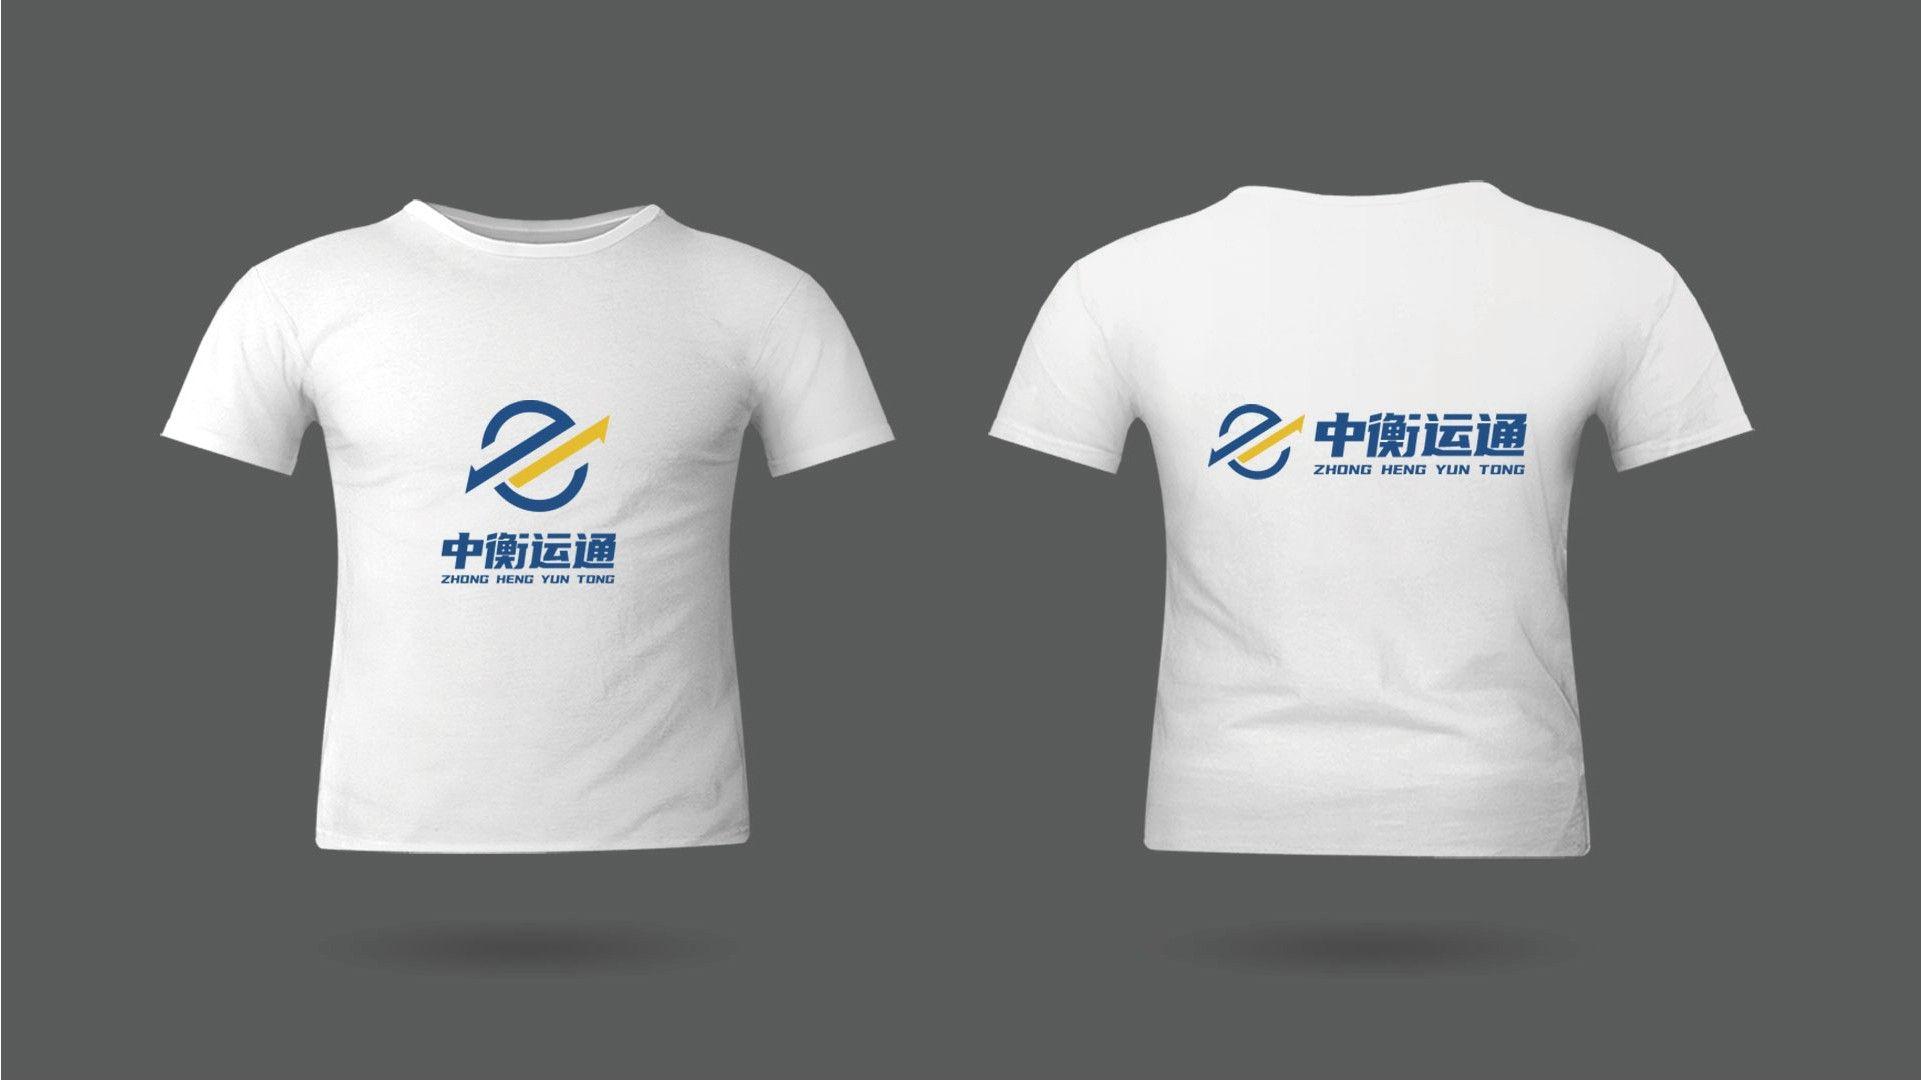 物流行业logo设计-中恒运通 飞特网 原创LOGO设计